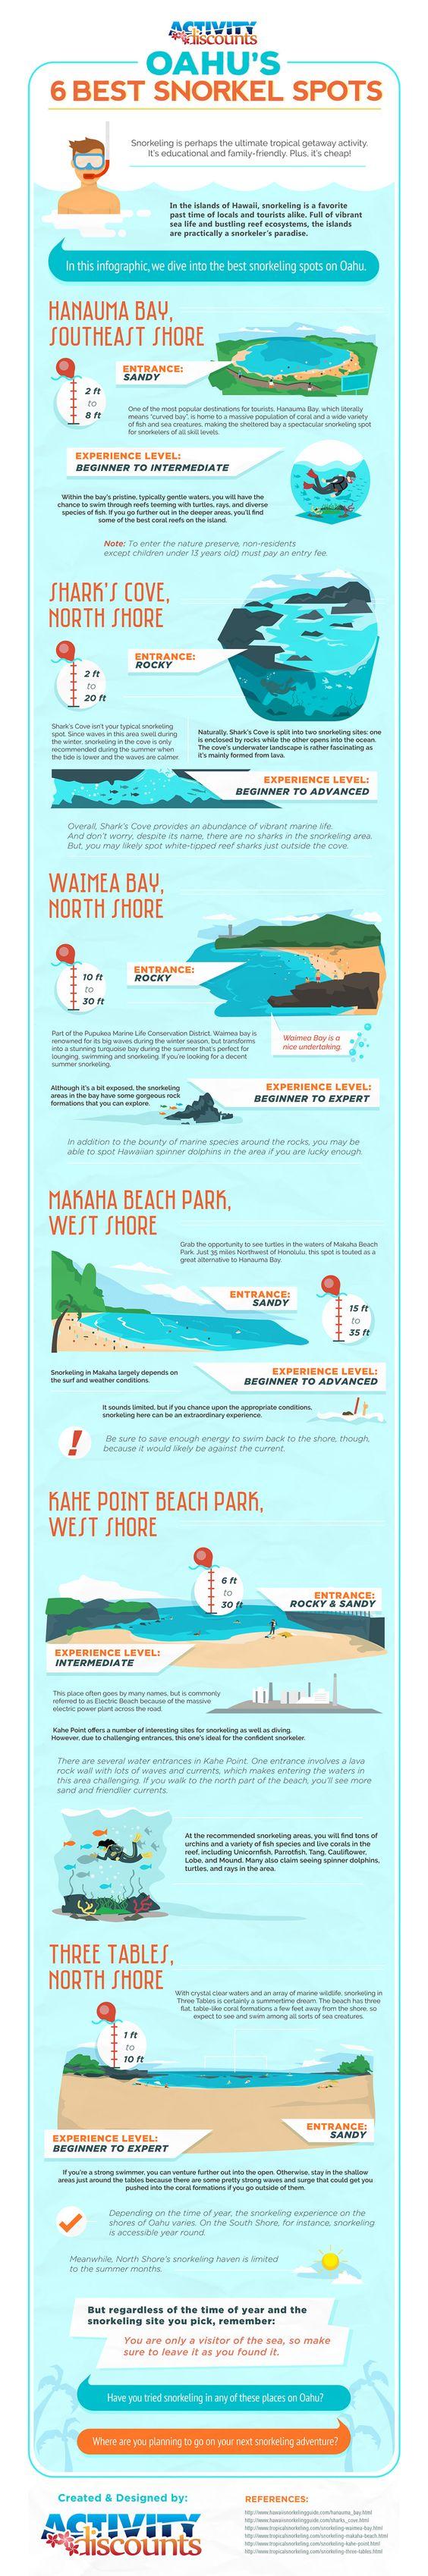 6 Best Snorkel Spots on Oahu (Infographic)                              …